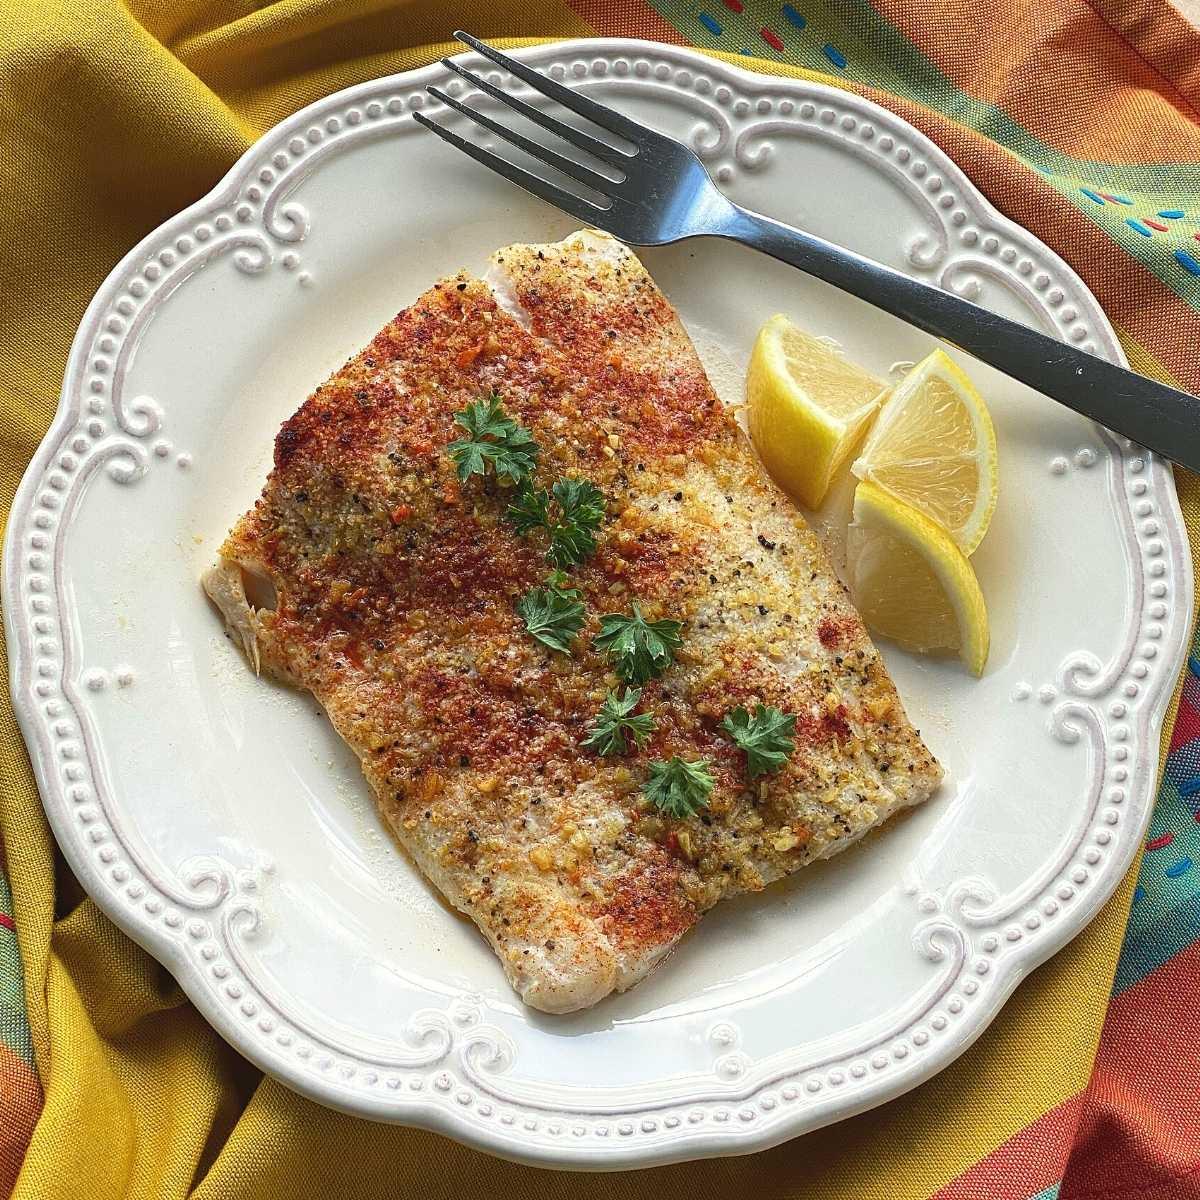 Life de Corvina assado com crosta de pimenta limão no prato com cunhas de limão e um garfo.